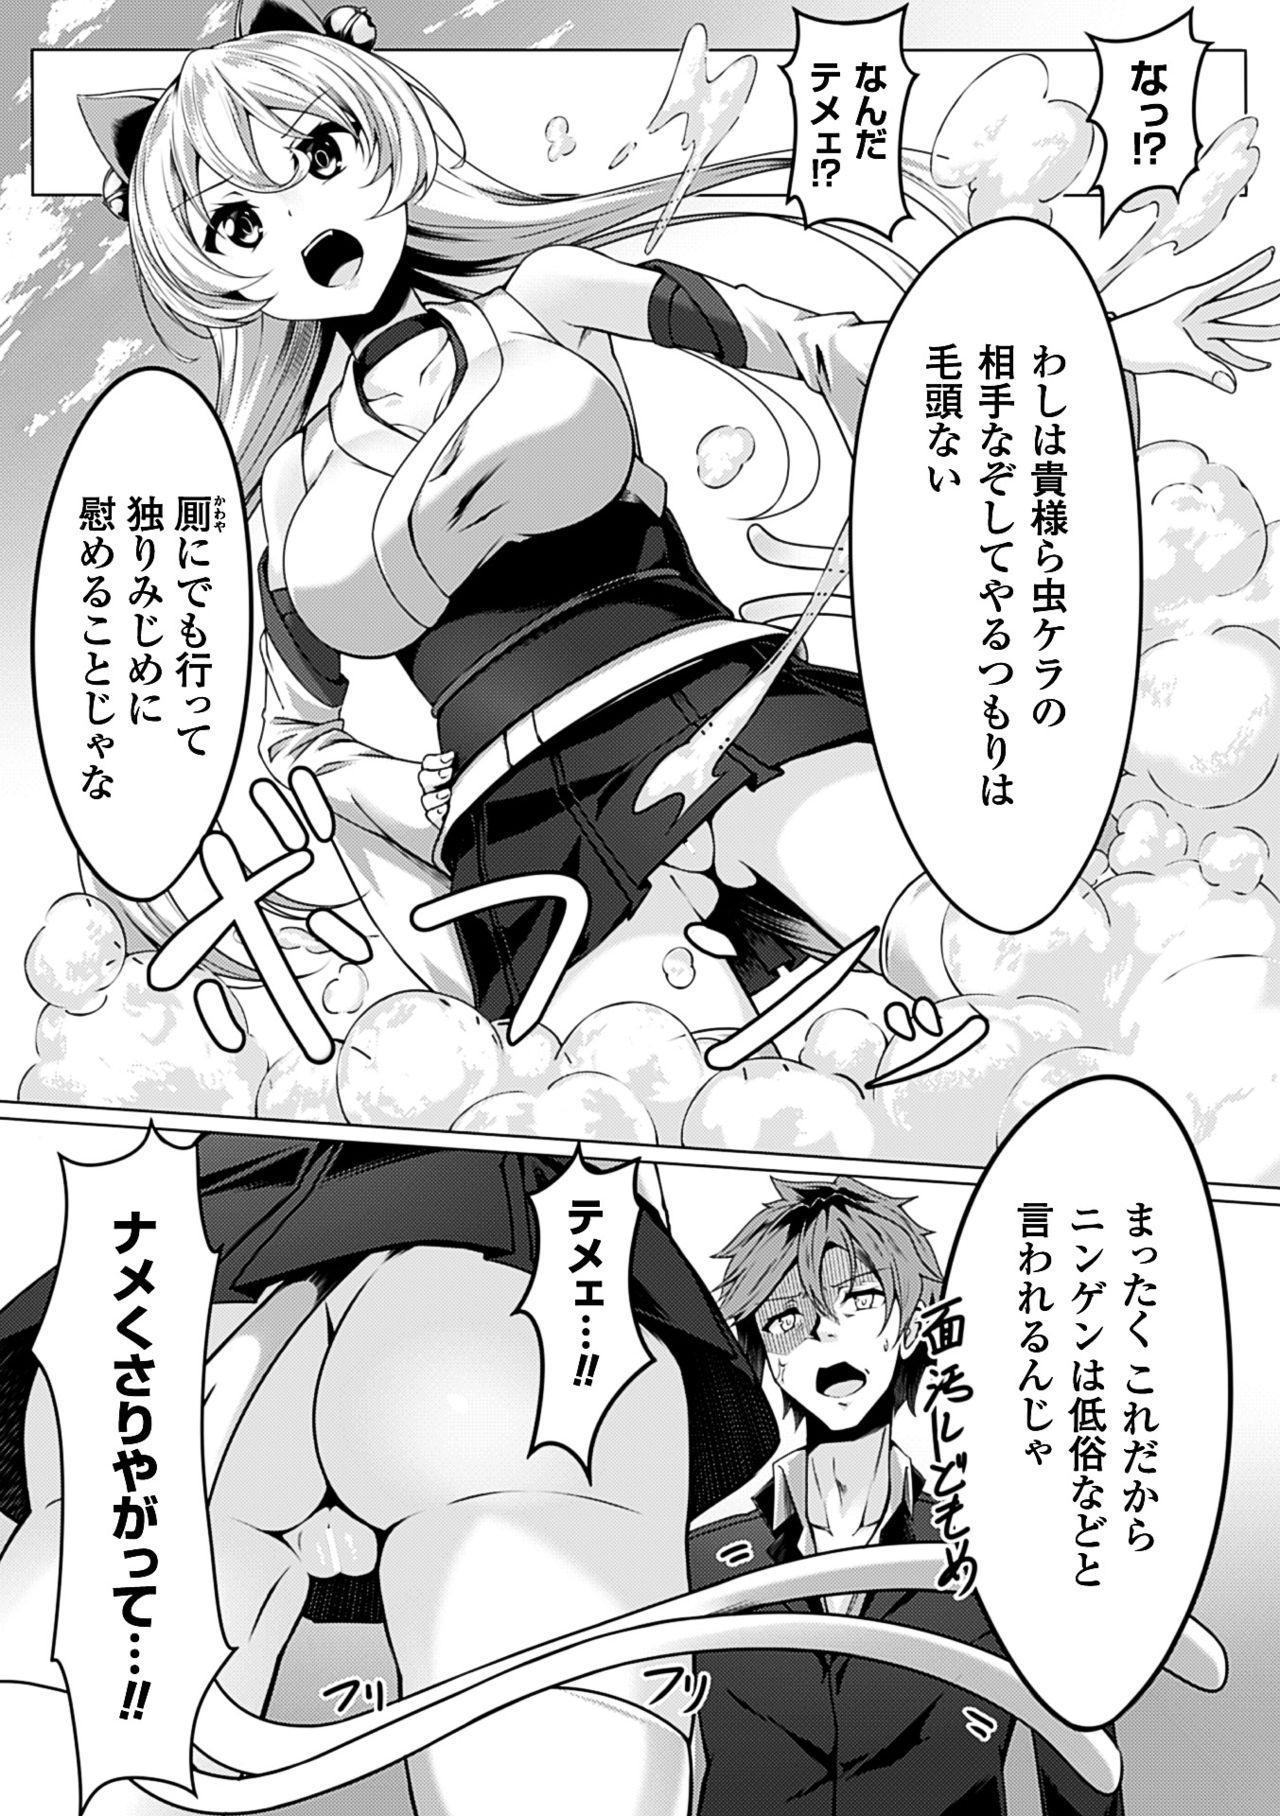 2D Comic Magazine Jingai Musume Haramase Kedakaki Mesu-tachi wa Ningen Kodane ni Kuppuku Suru Vol. 2 48